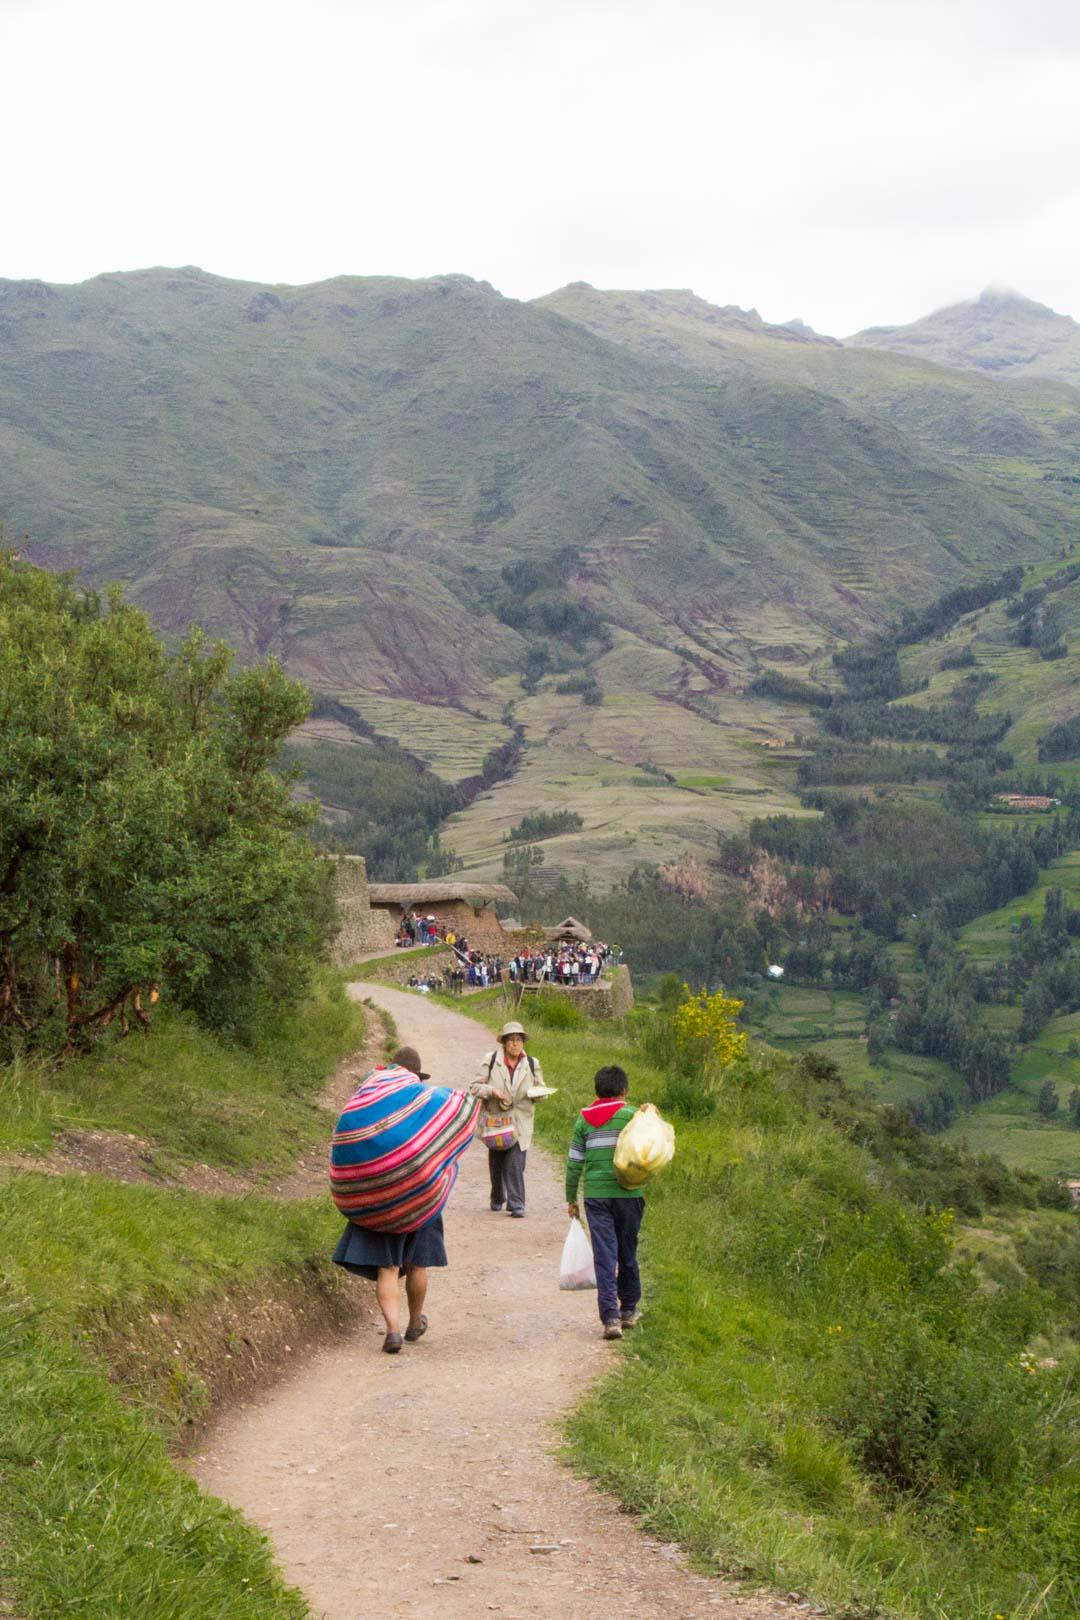 inkakaupunki Pisacin rauniot Perun Pyhässä laaksossa